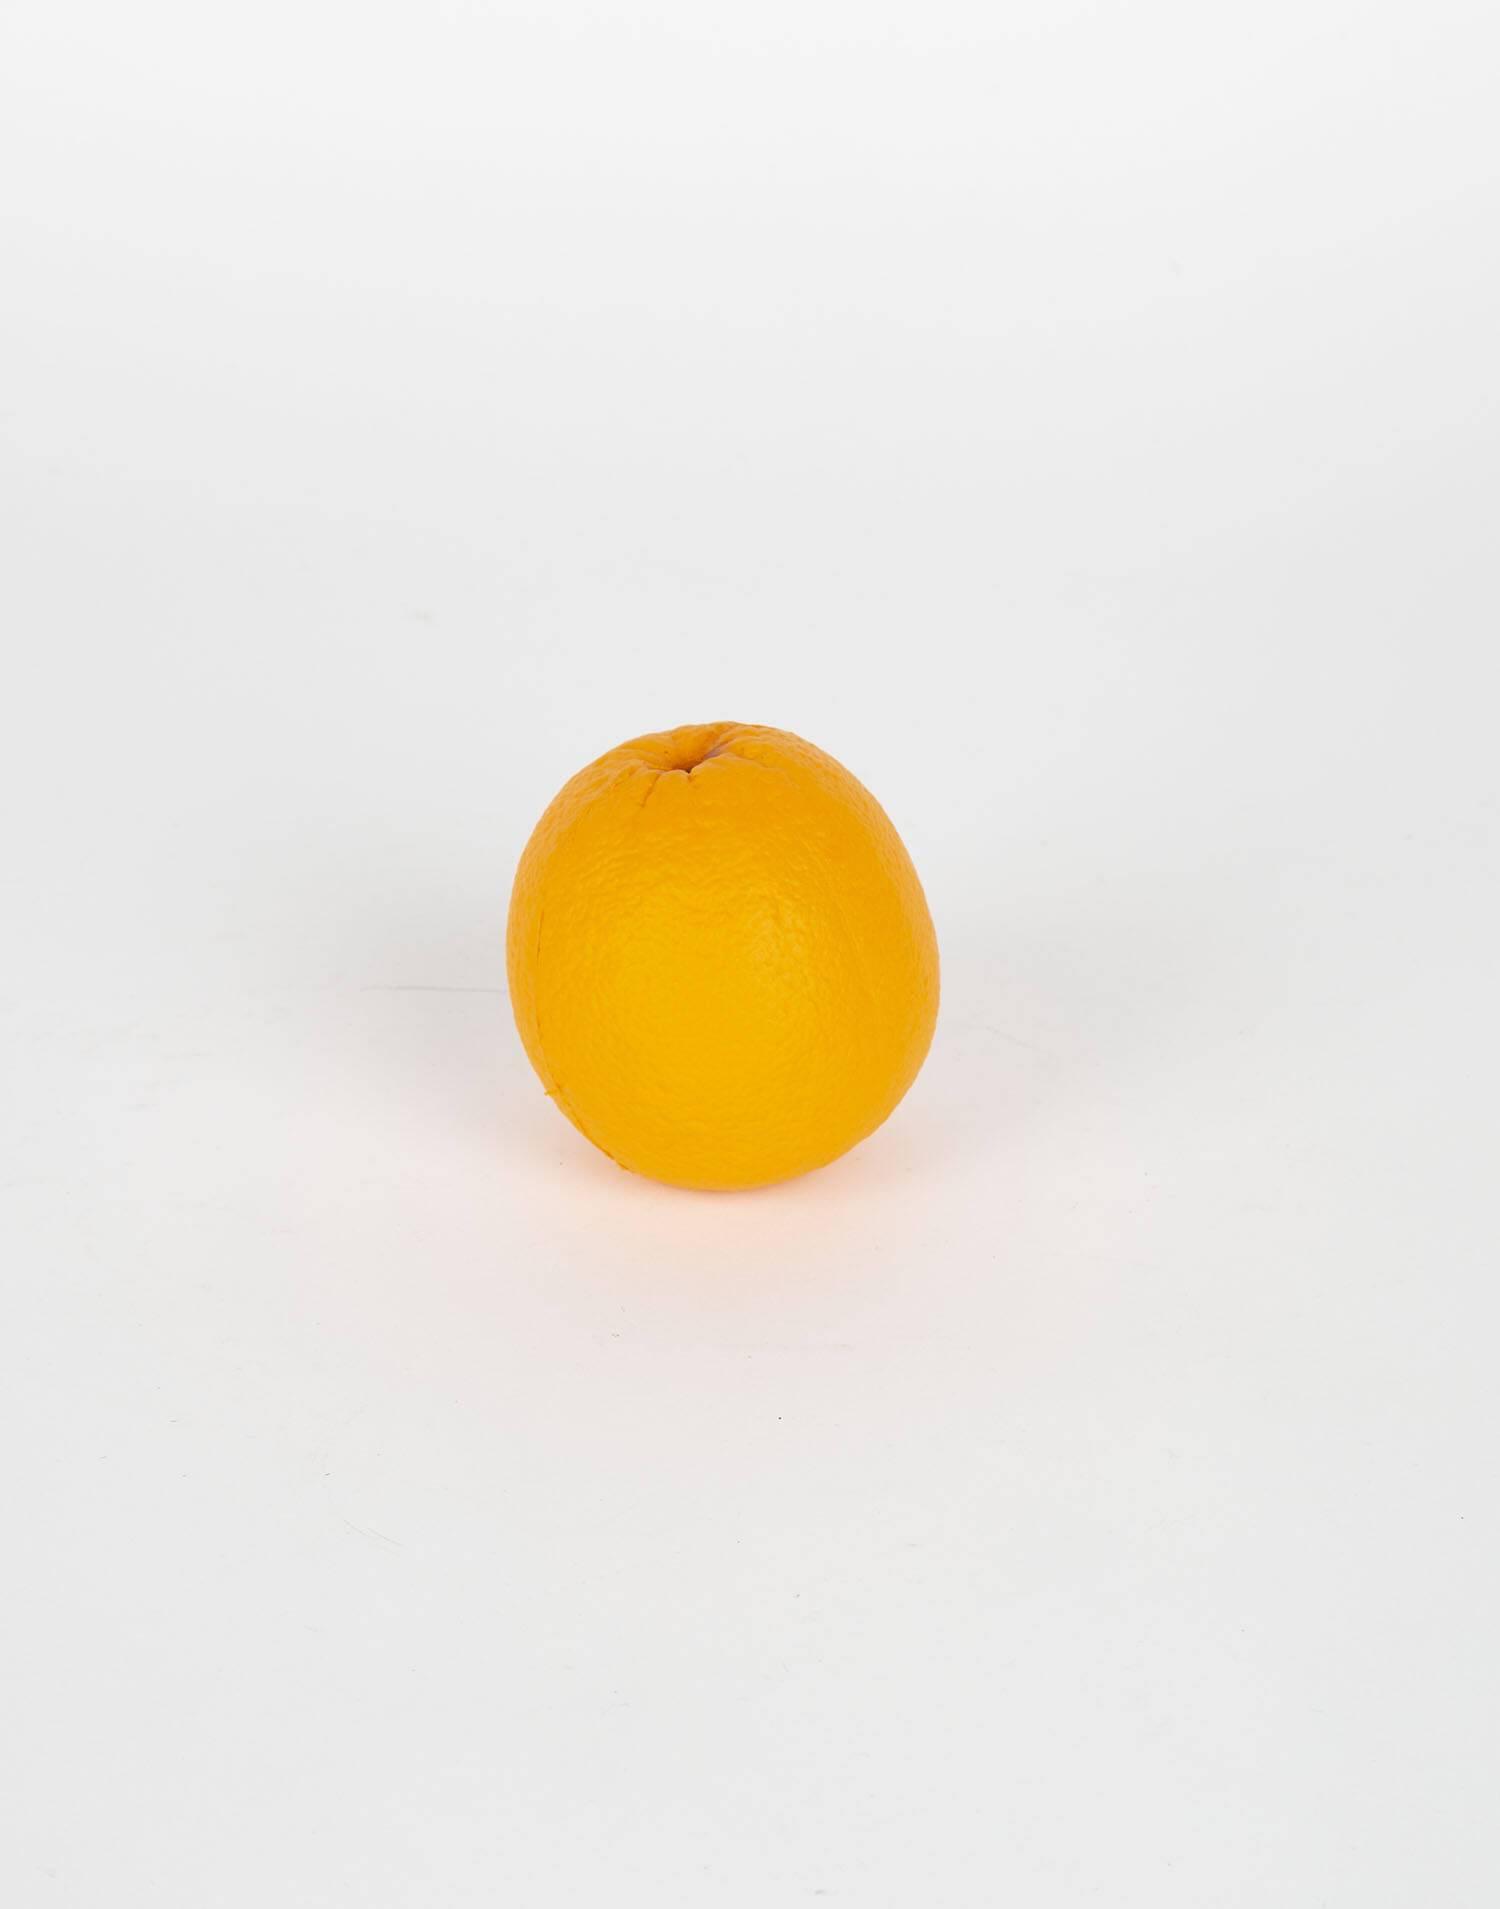 Orange squishy ball